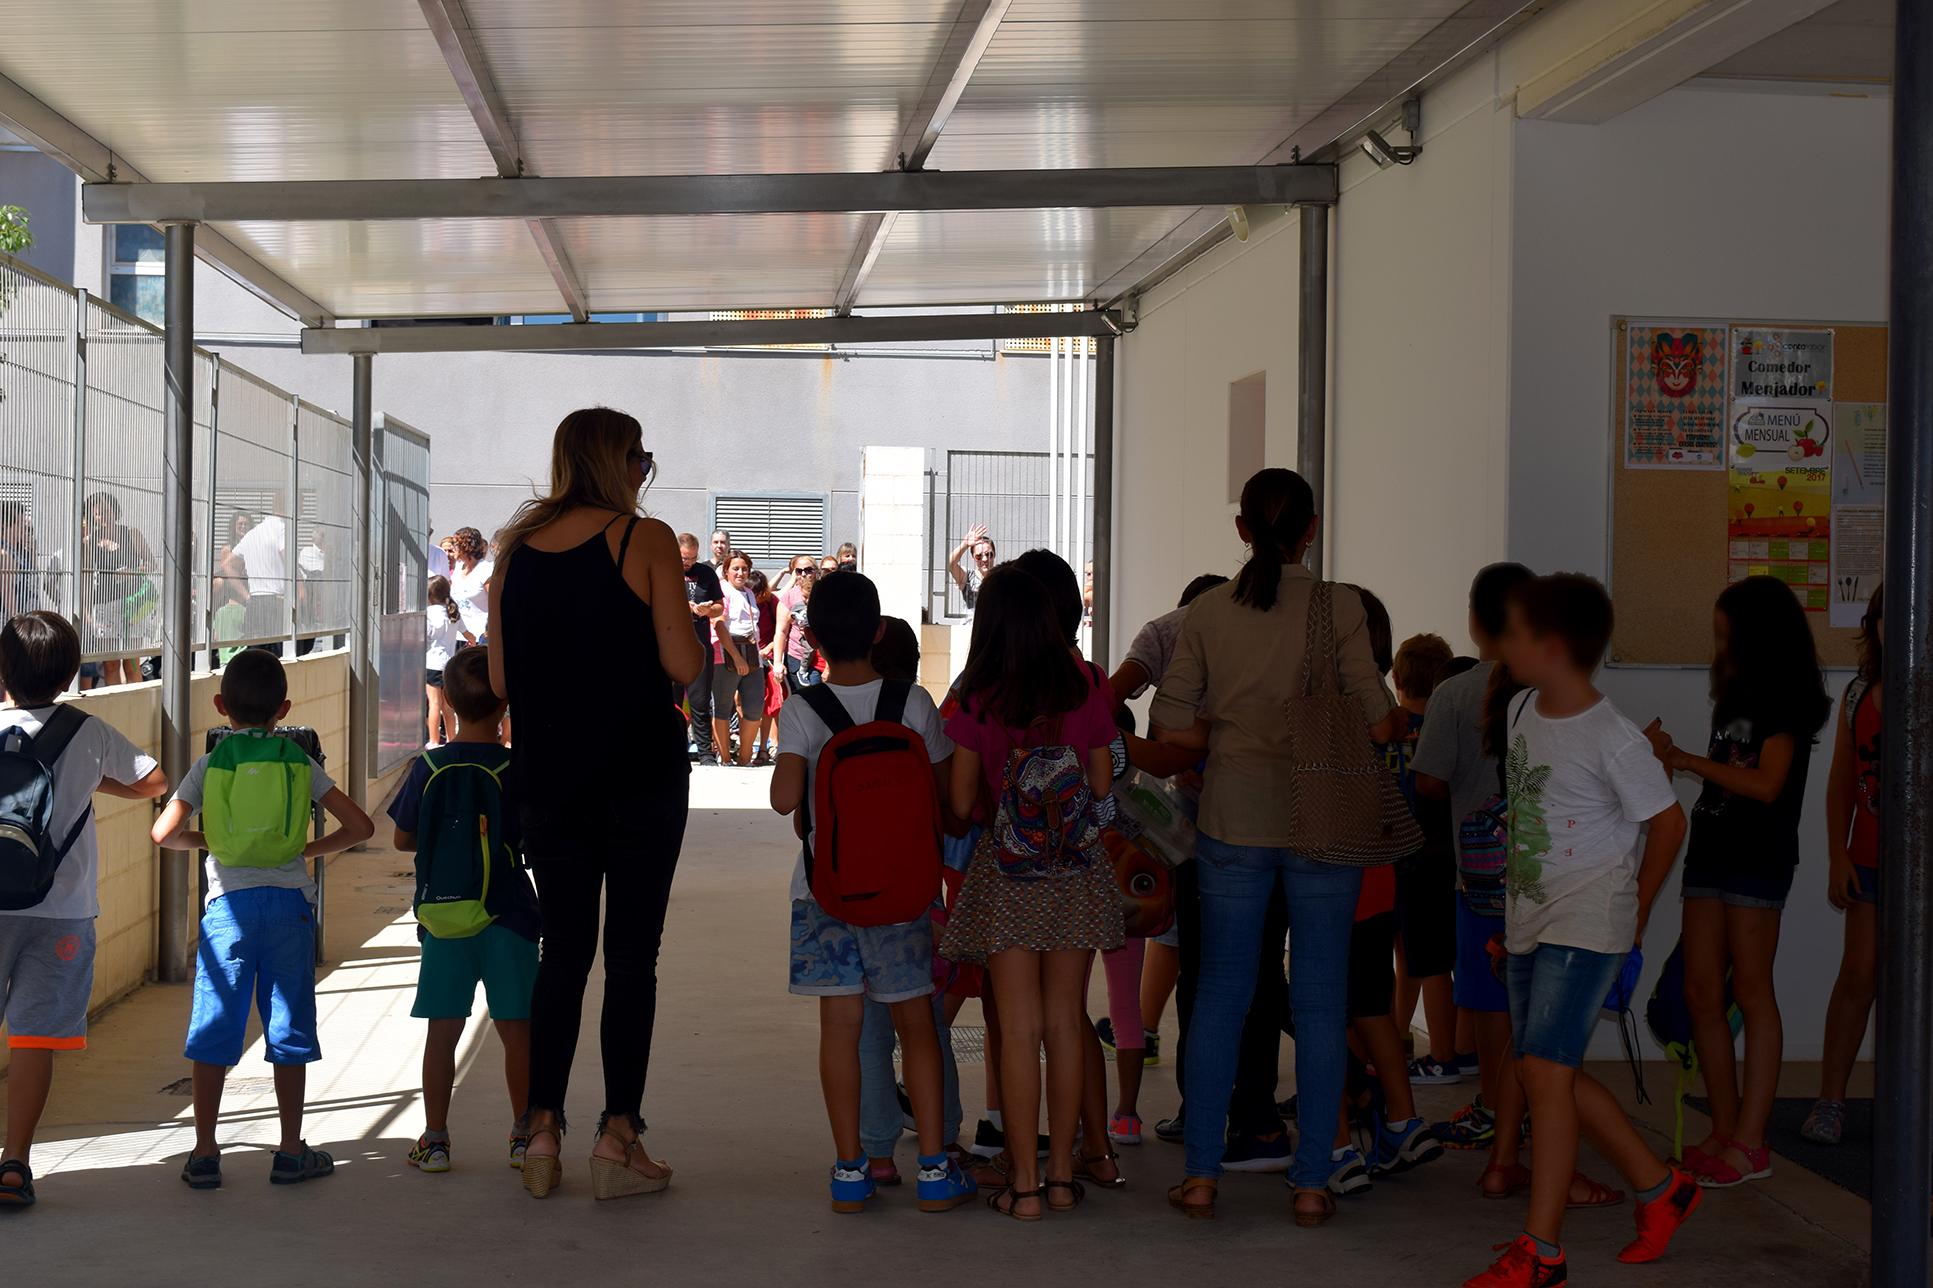 El primer dia de classe va transcórrer ahir amb normalitat als cinc centres escolars del municipi.